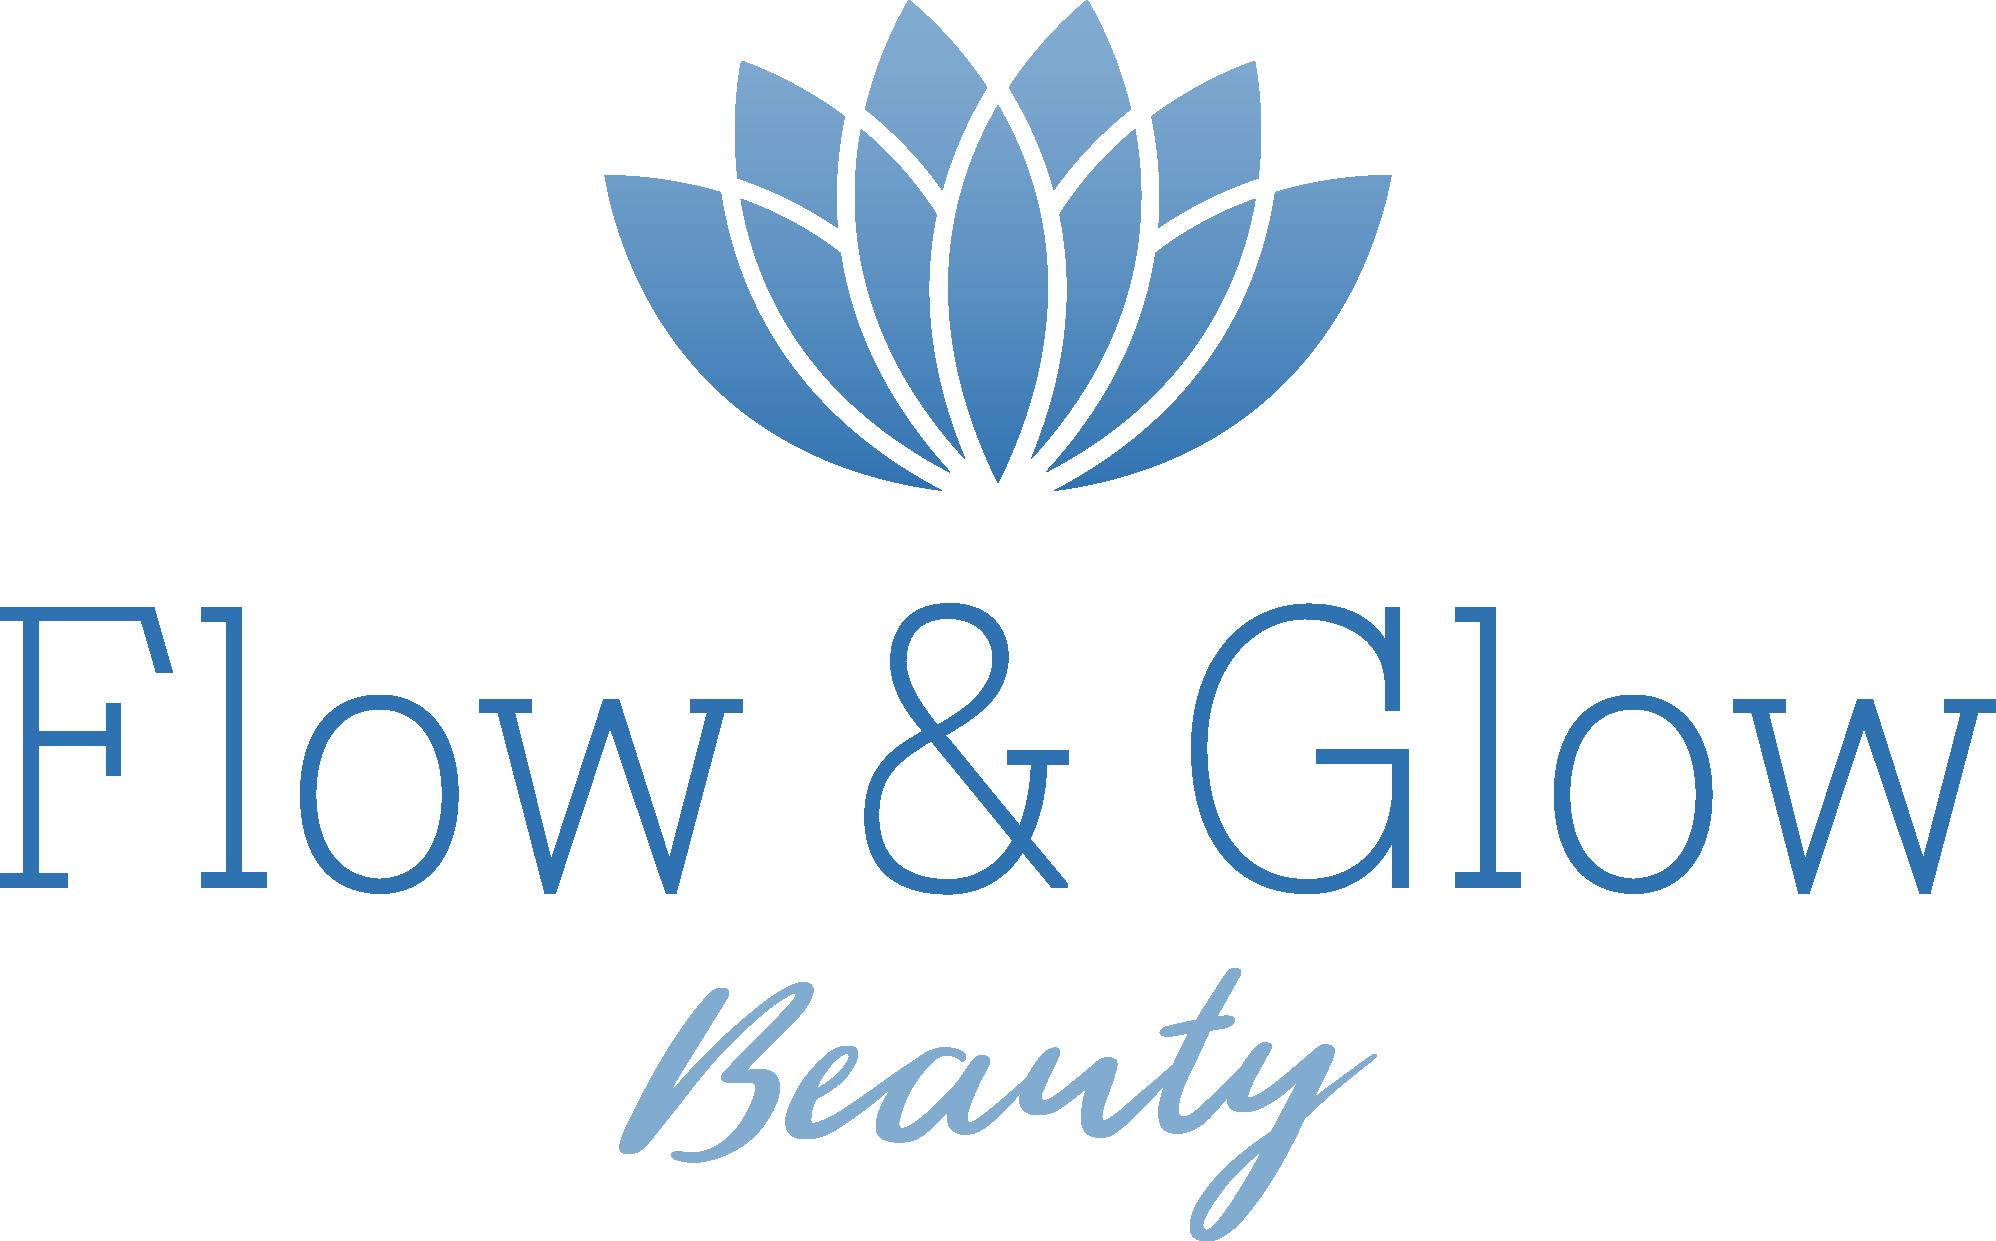 Flow & Glow Beauty